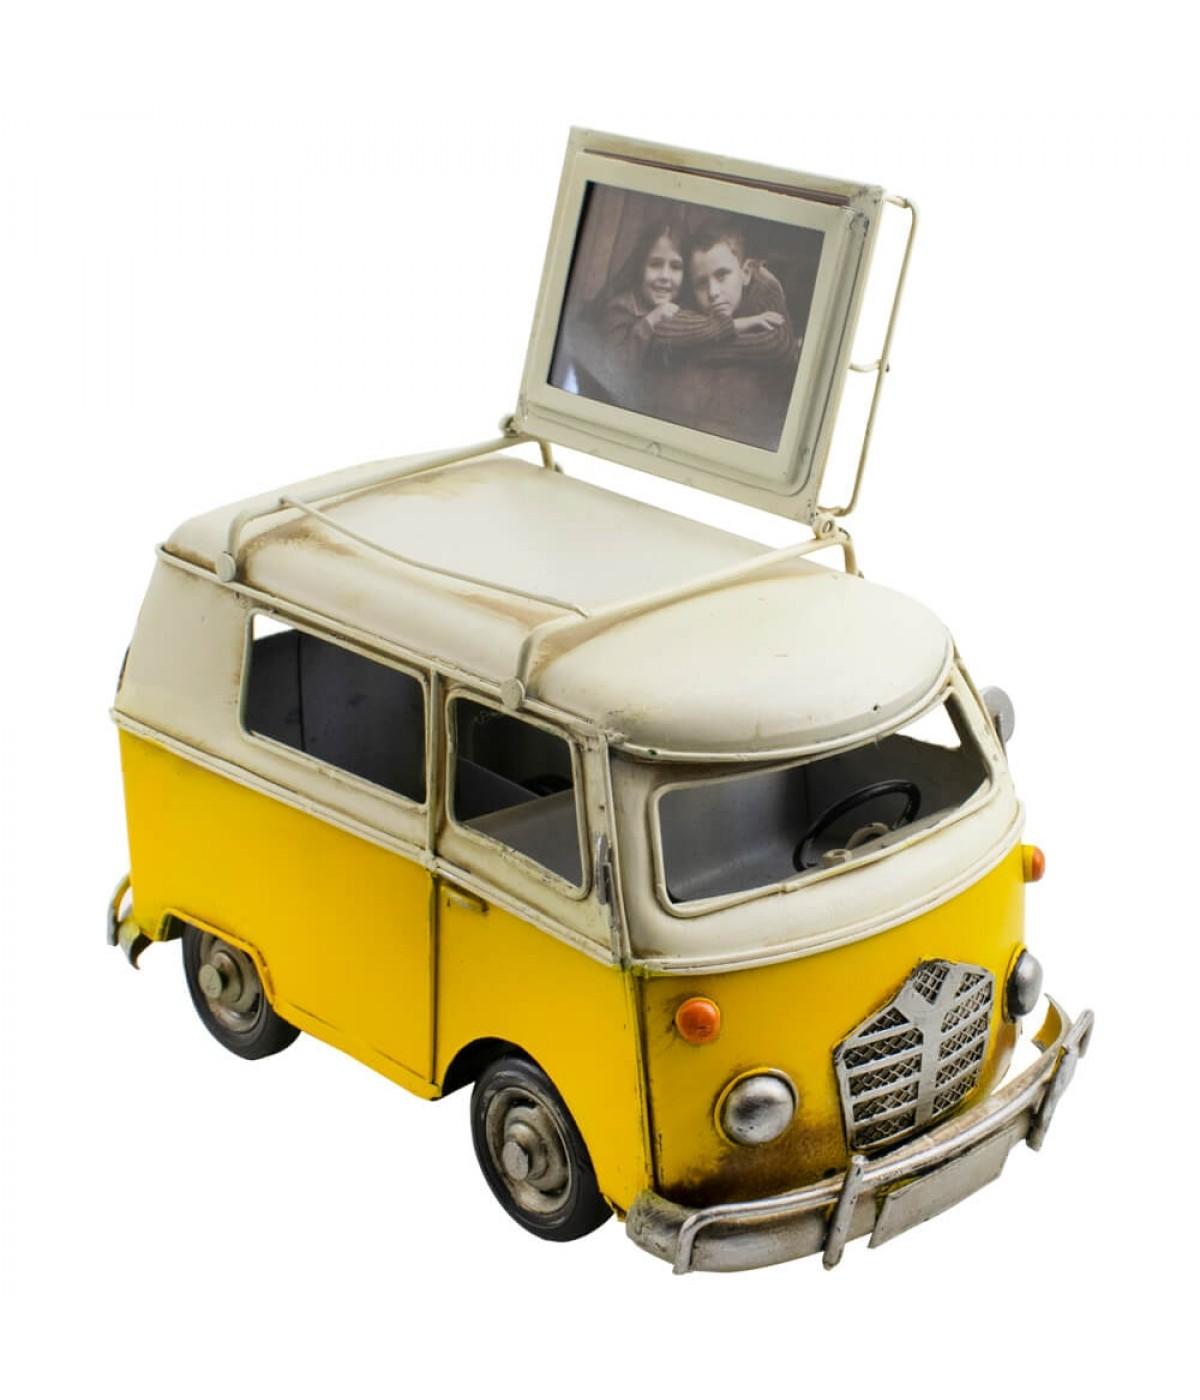 Kombi Amarelo 23cm Porta Retrato 8.5x6cm Estilo Retrô - Vintage